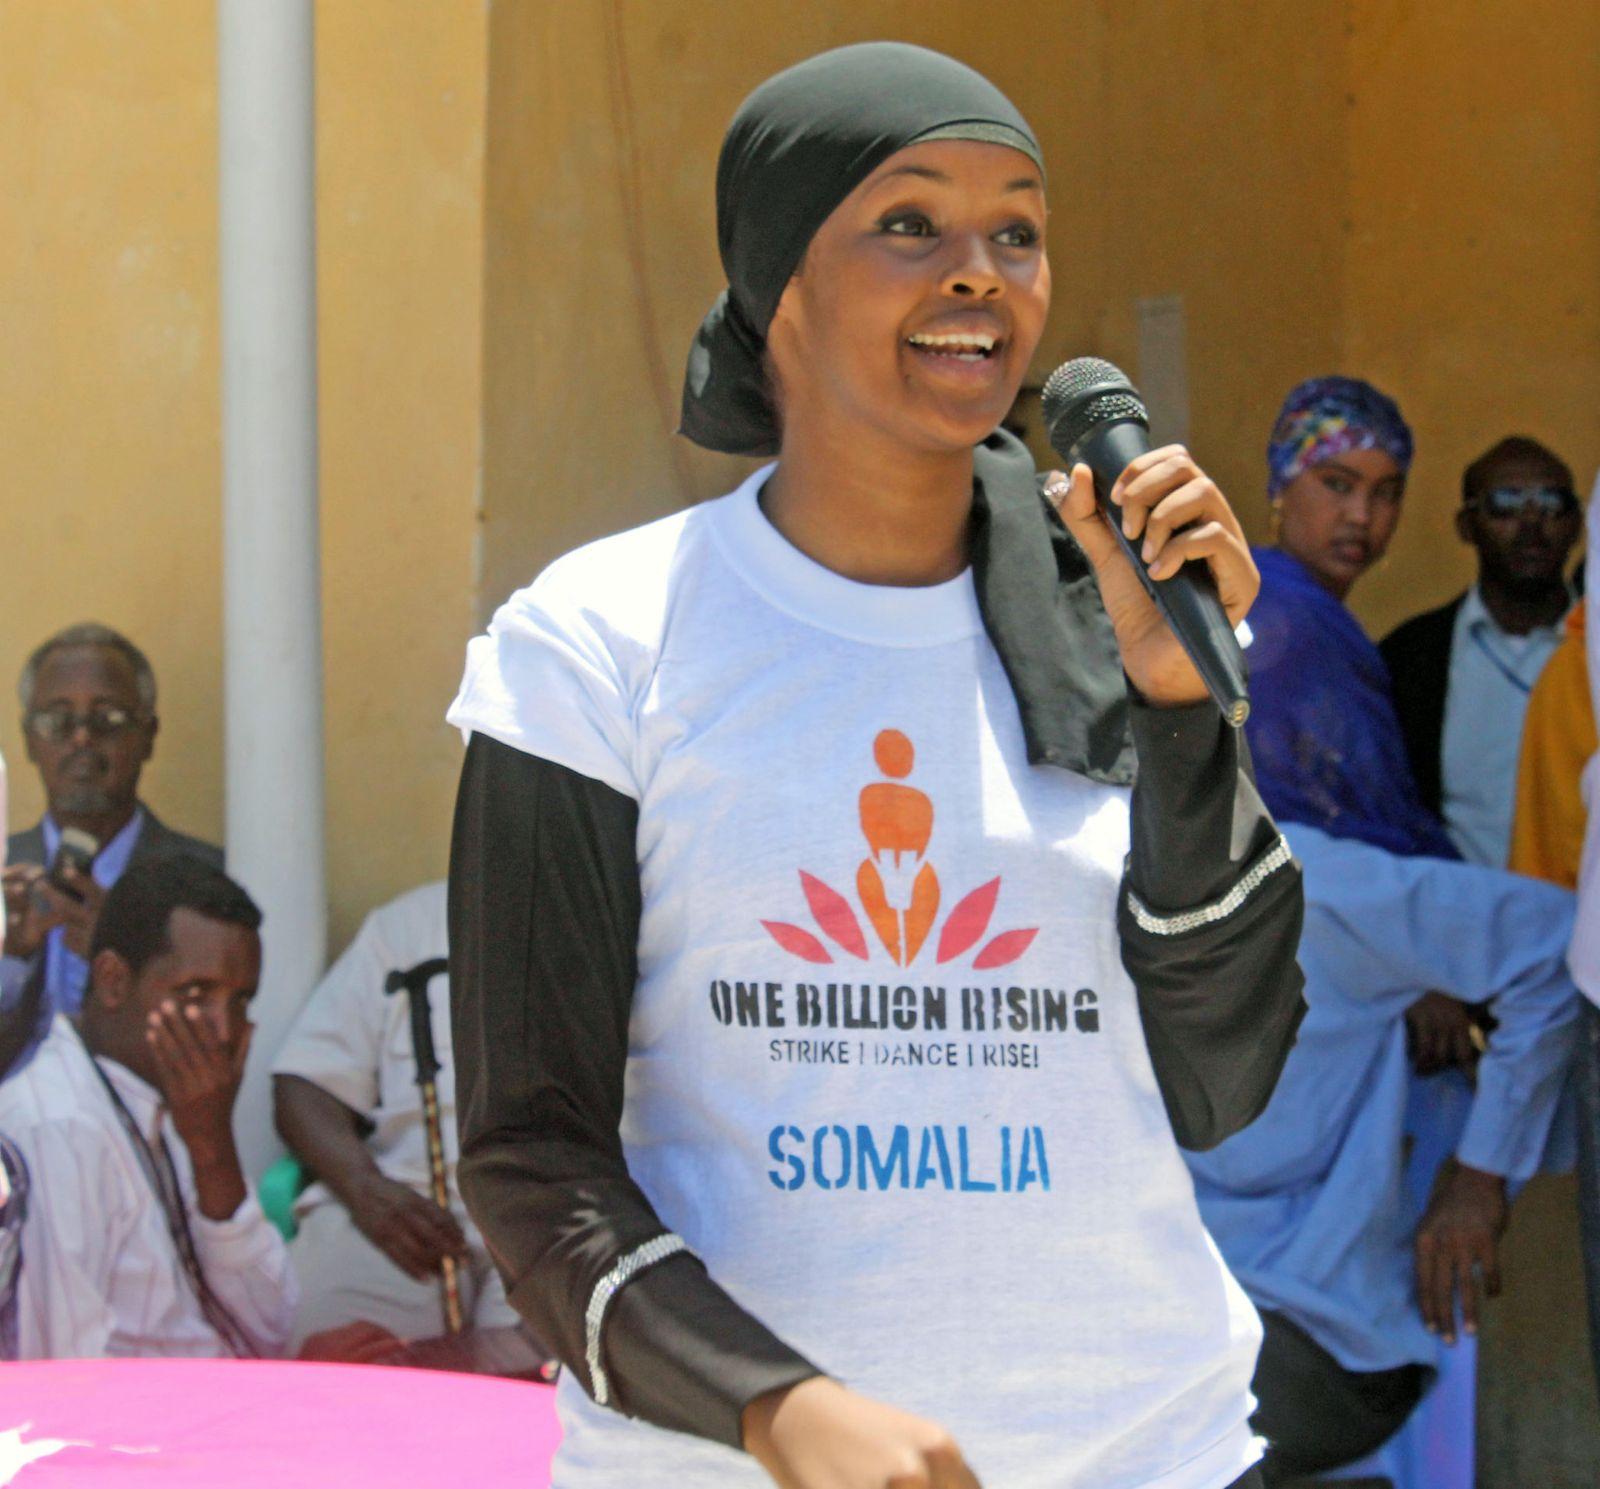 Somalia TED Talk